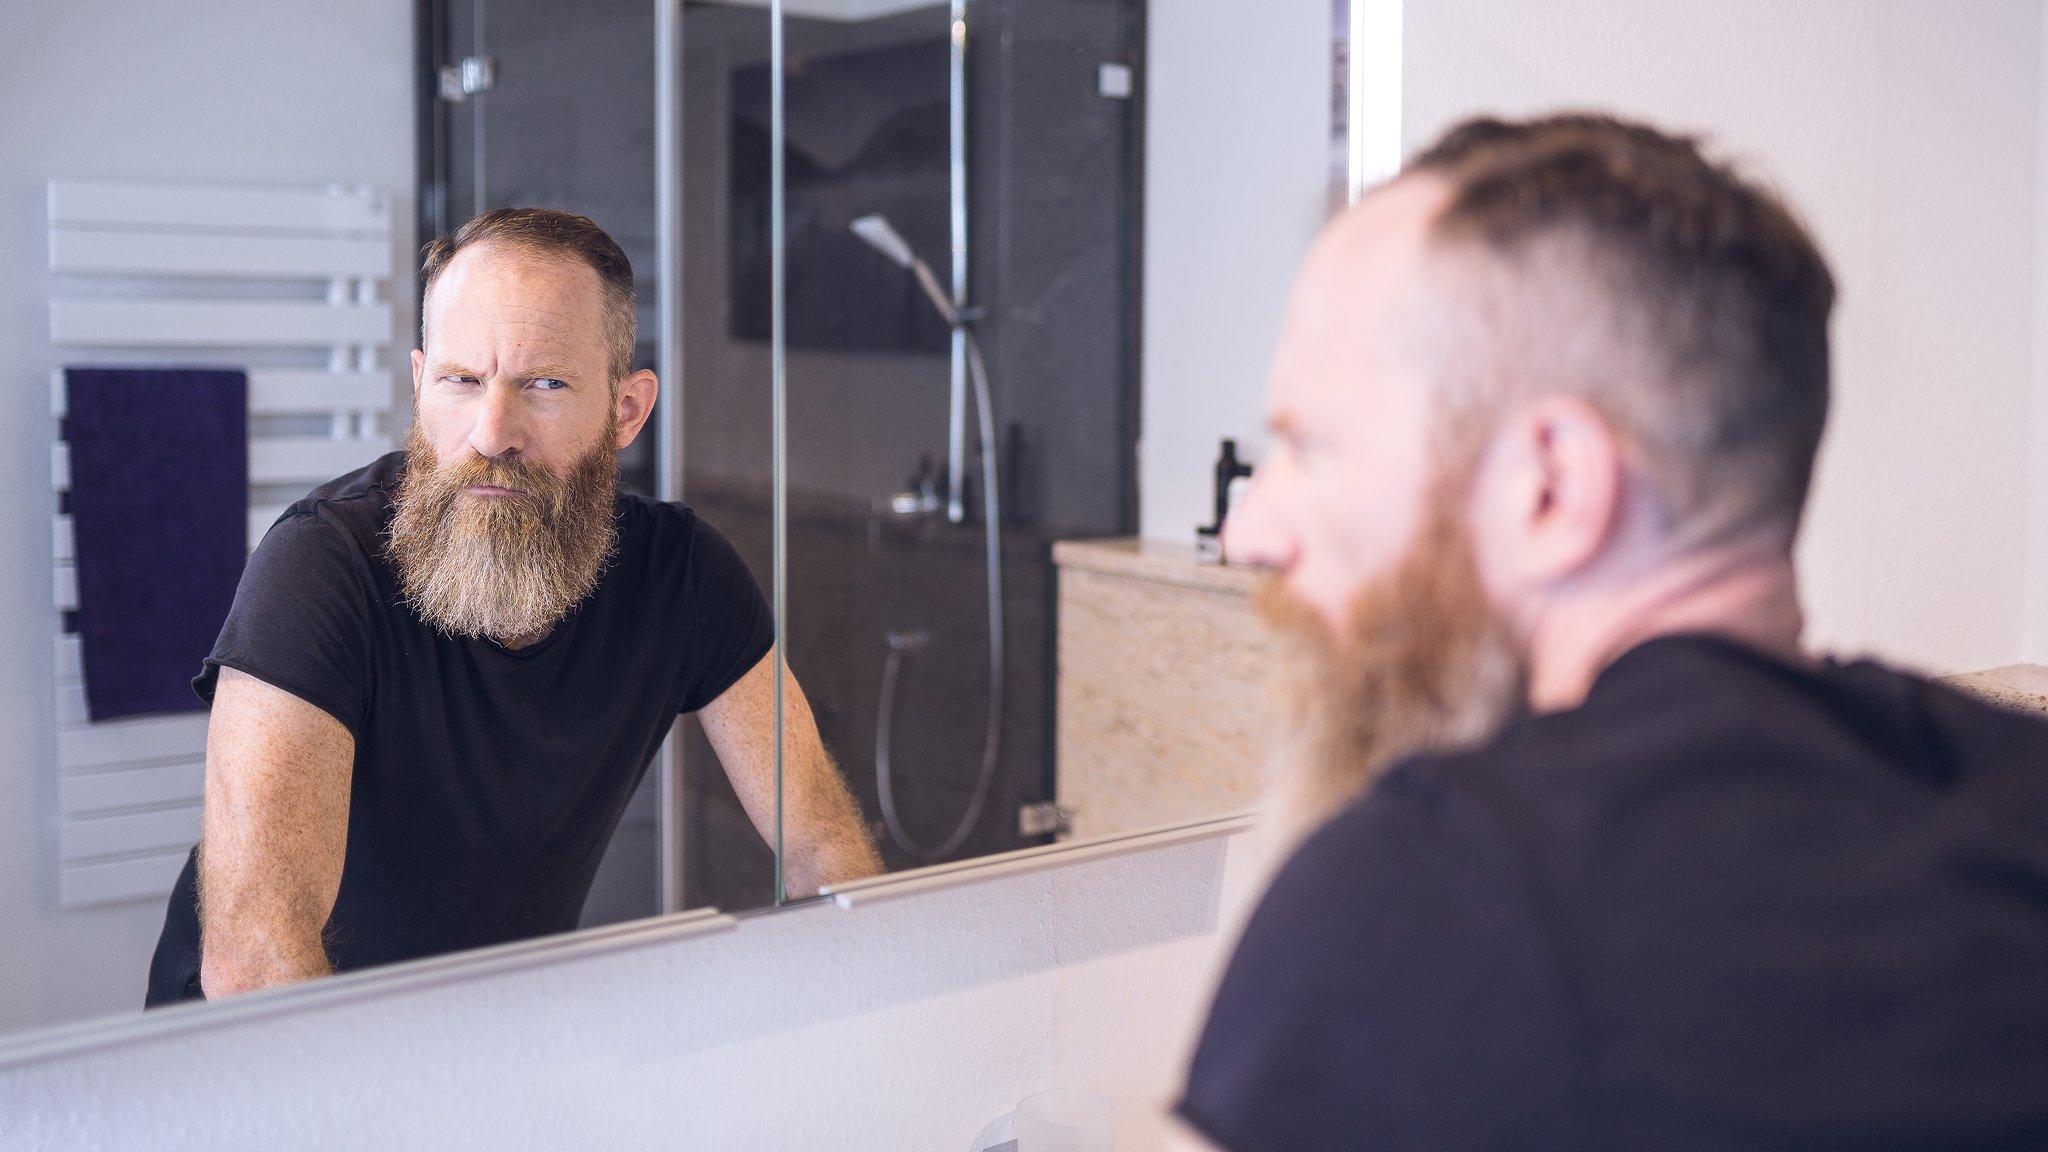 Typische Fehler bei der Bartpflege